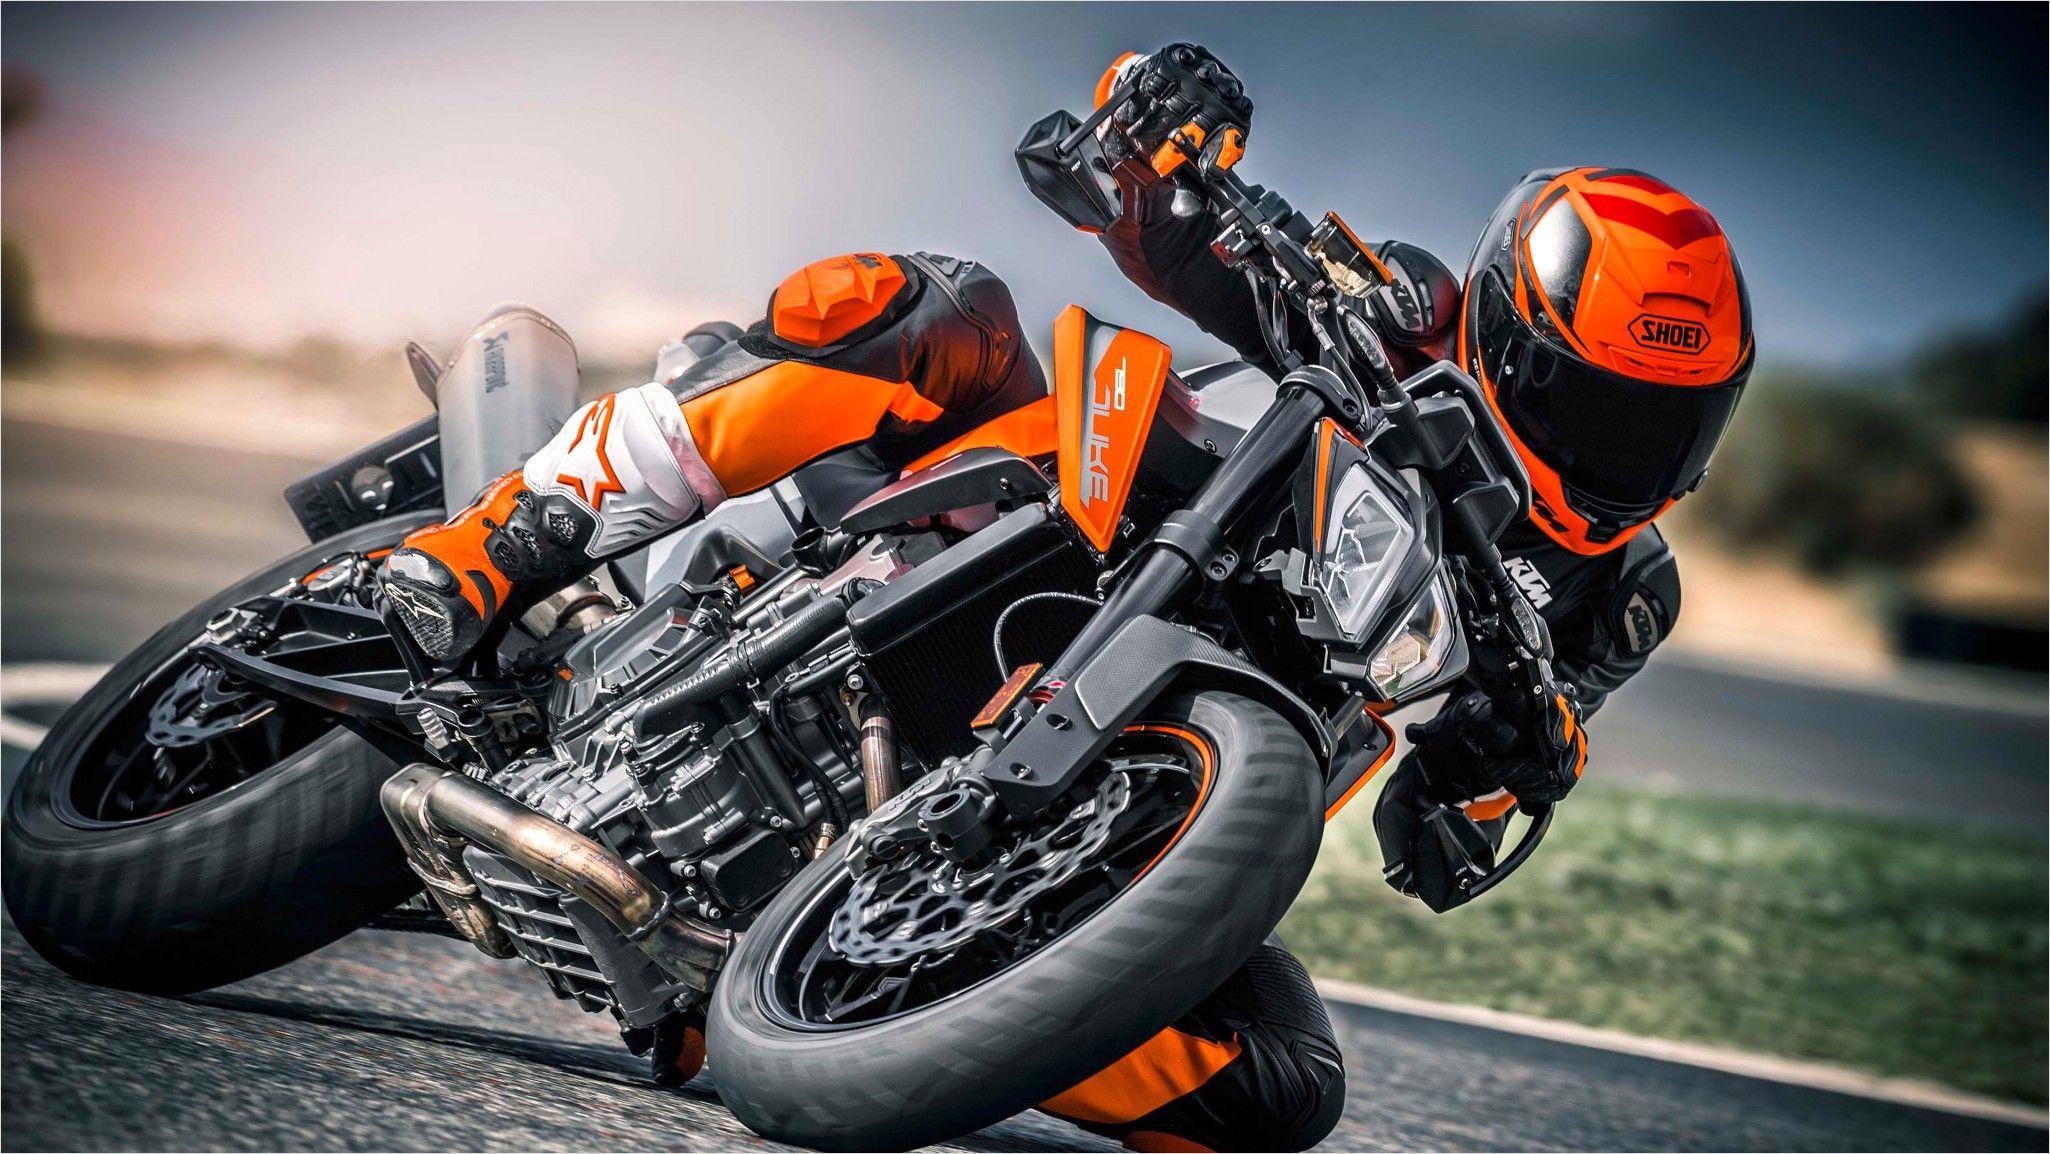 4k Dual Wallpaper Duke In 2020 Ktm Racing Bikes Ktm Duke